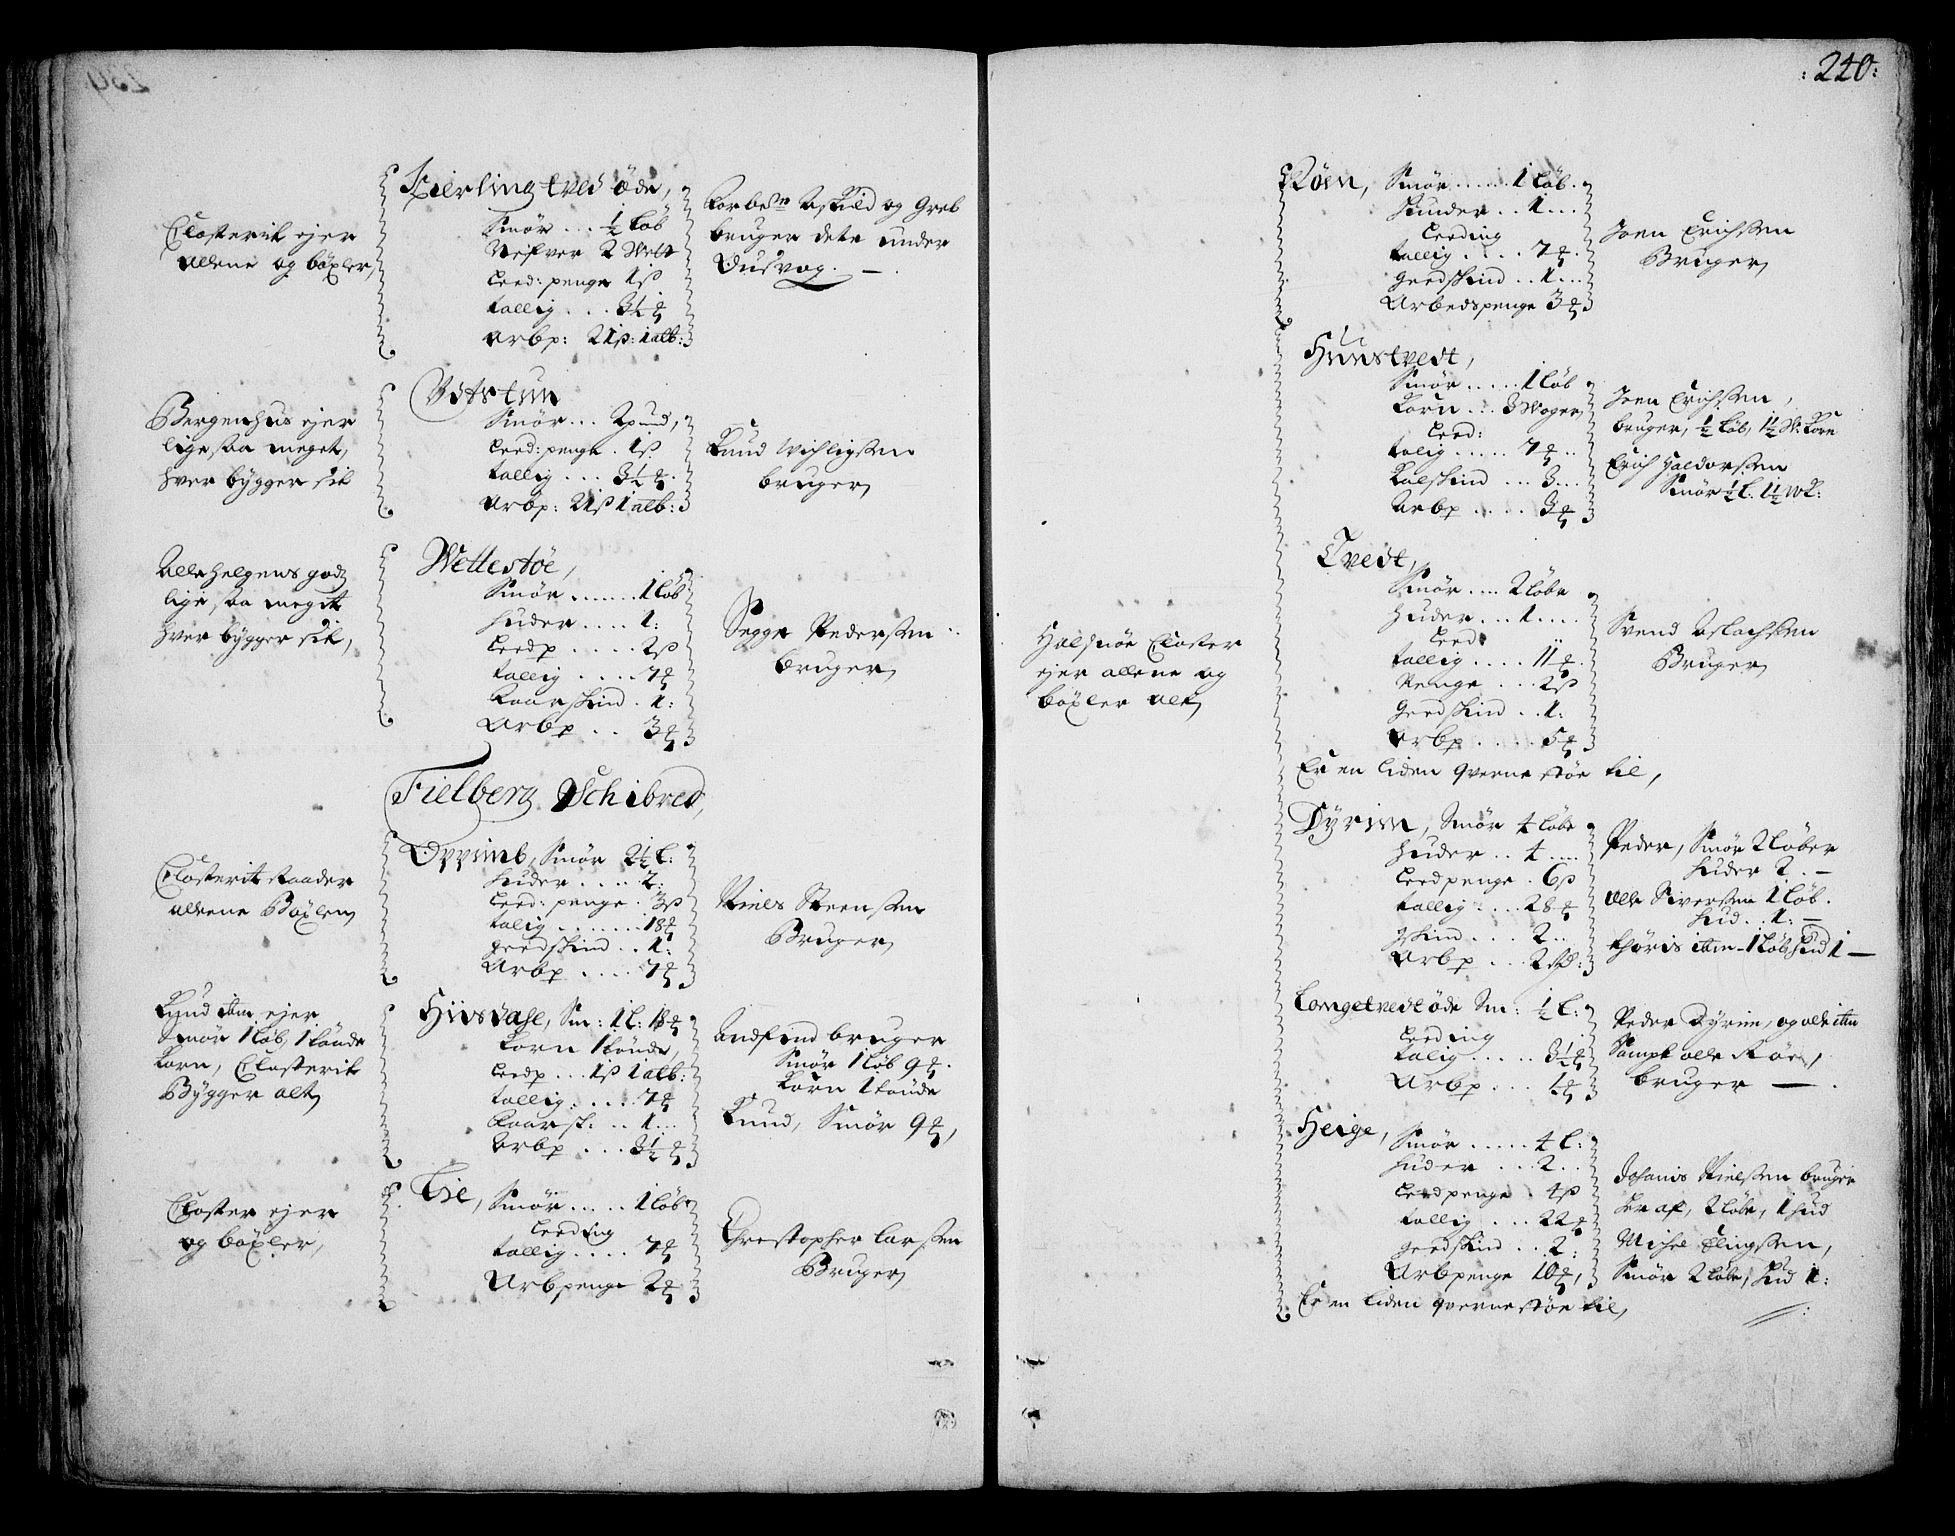 RA, Rentekammeret inntil 1814, Realistisk ordnet avdeling, On/L0002: [Jj 3]: Besiktigelsesforretninger over Halsnøy klosters gods, 1659-1703, s. 239b-240a